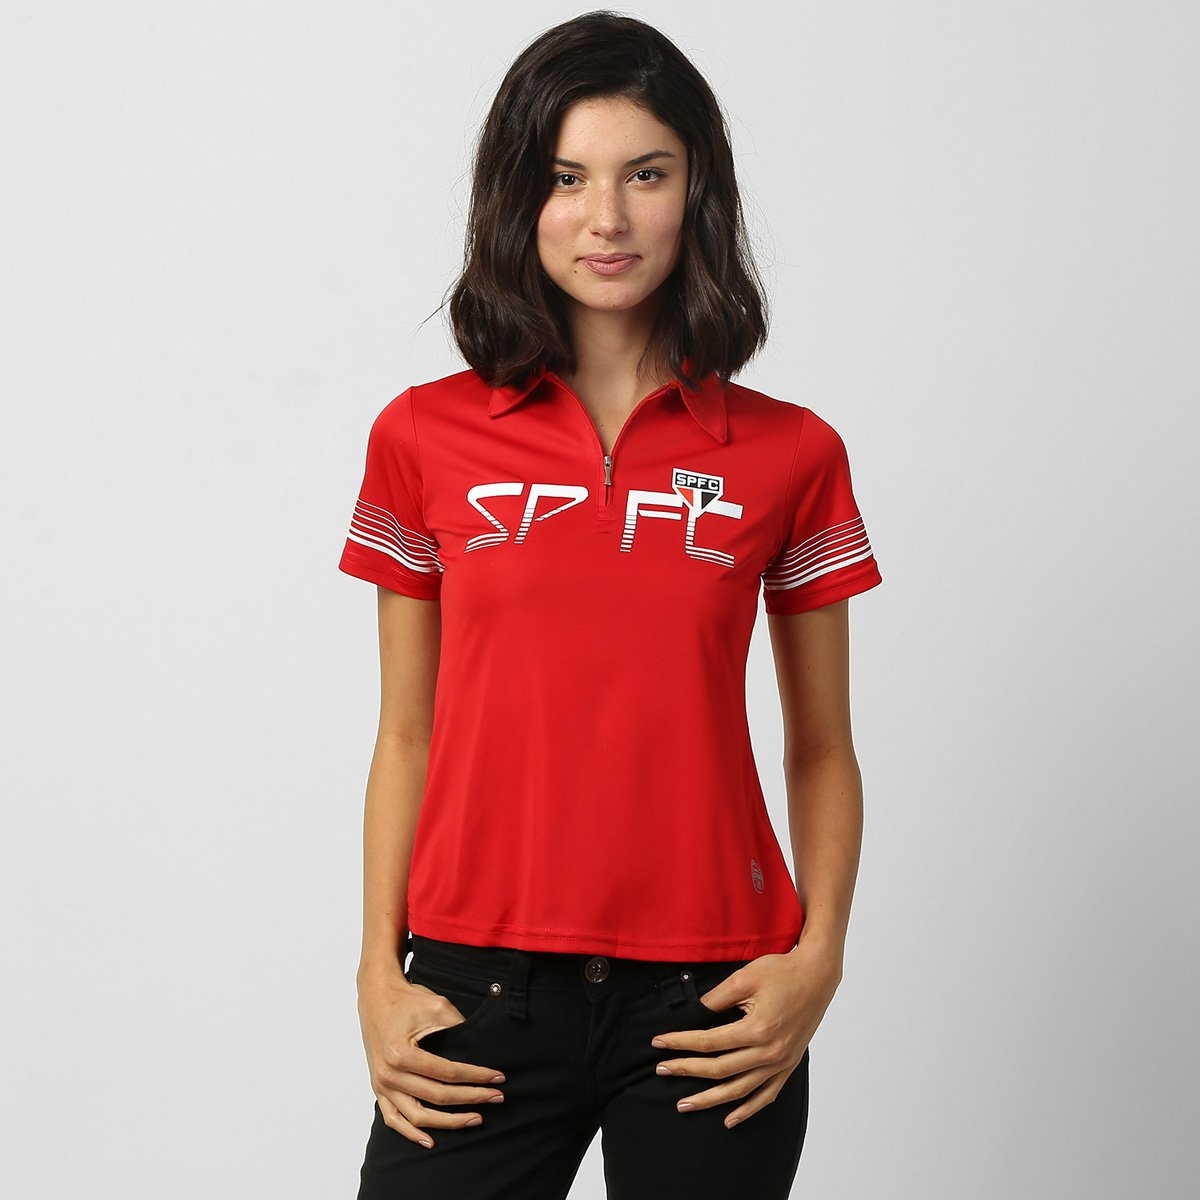 aec7836140 Camisa Polo São Paulo Feminina - Compre Agora